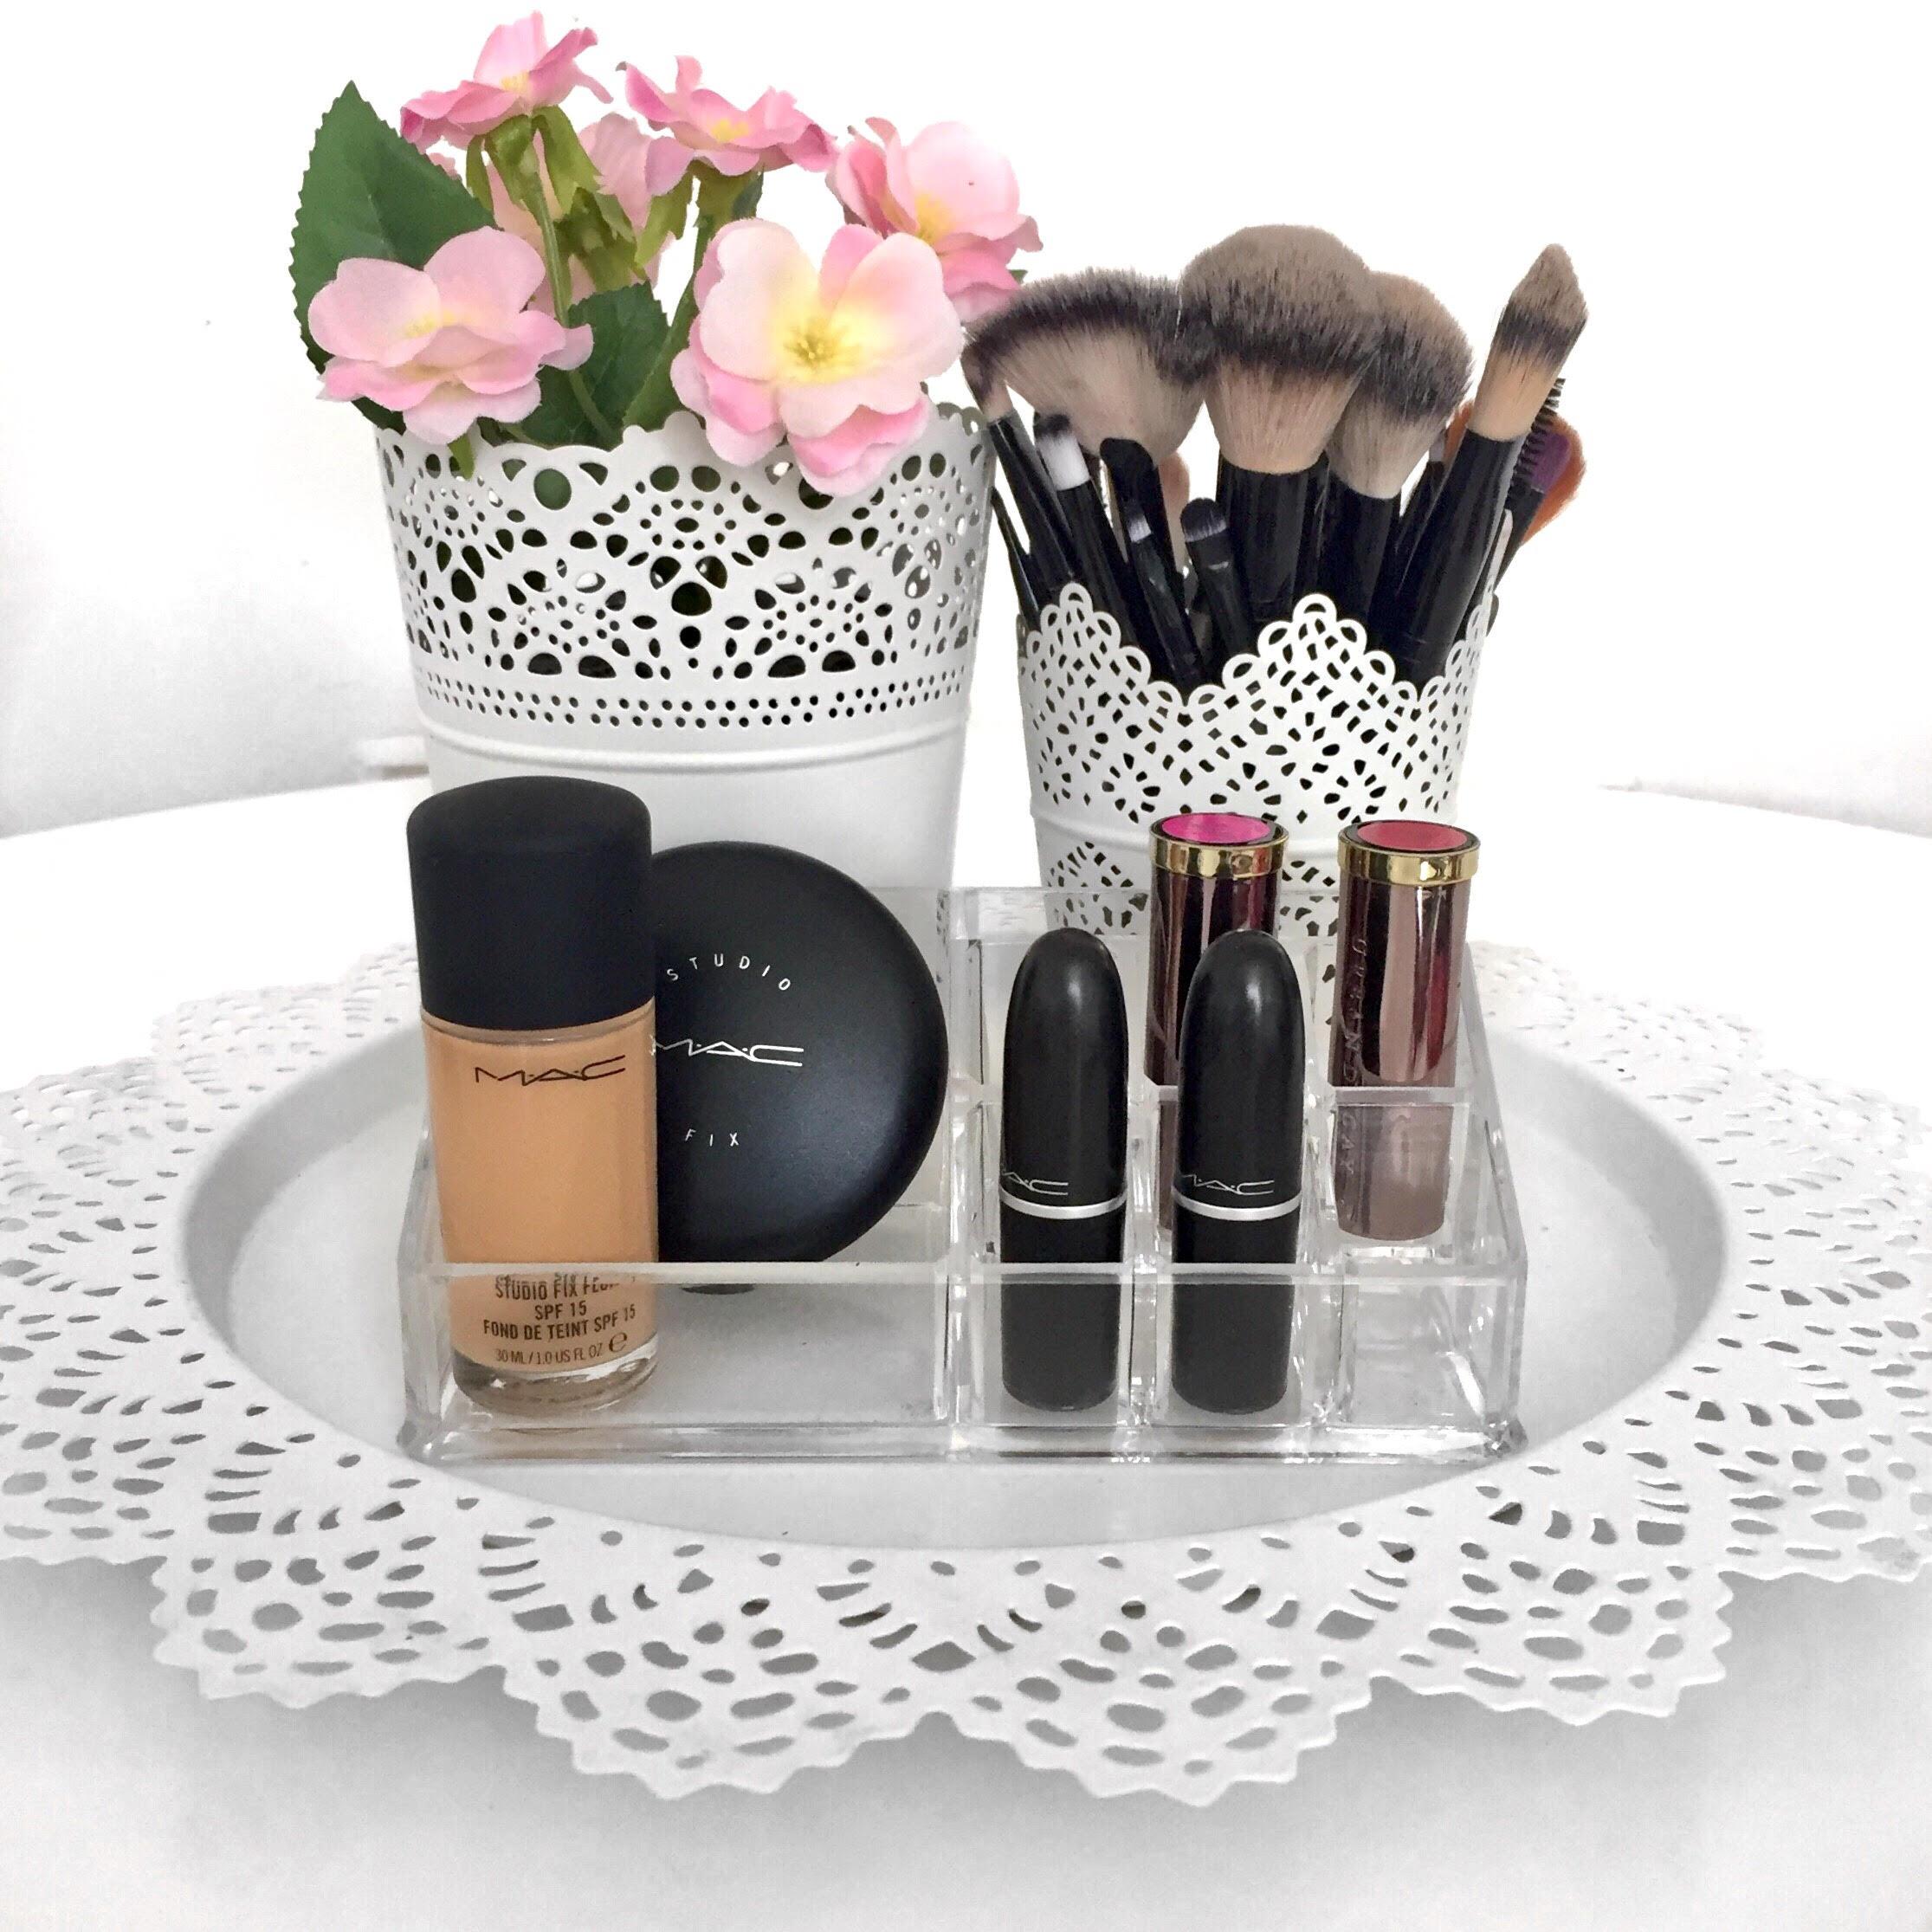 dezire blog beauty mac notino puder ruz make up